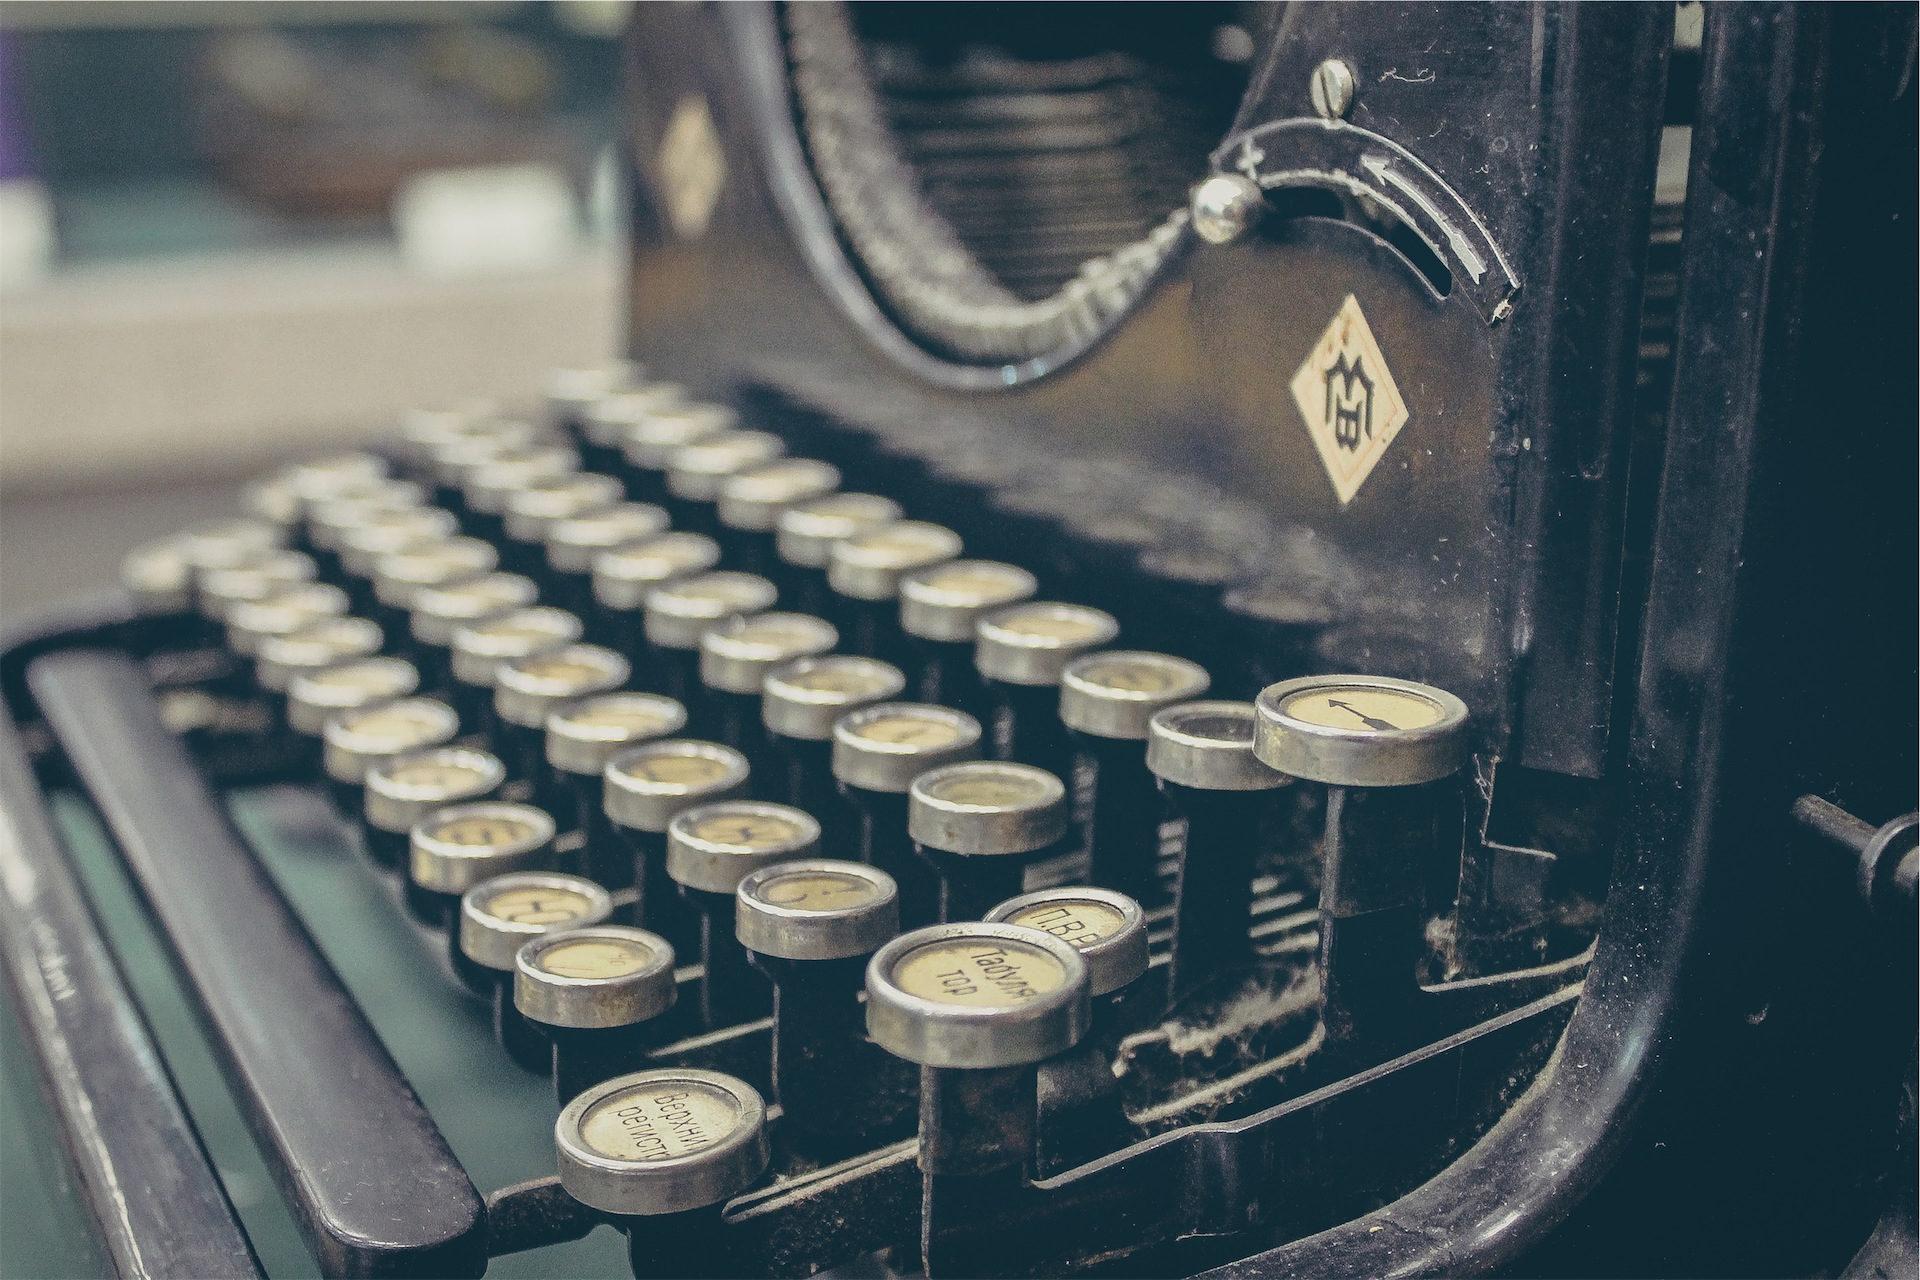 machine, Écrire, clés, vieux, Vintage - Fonds d'écran HD - Professor-falken.com